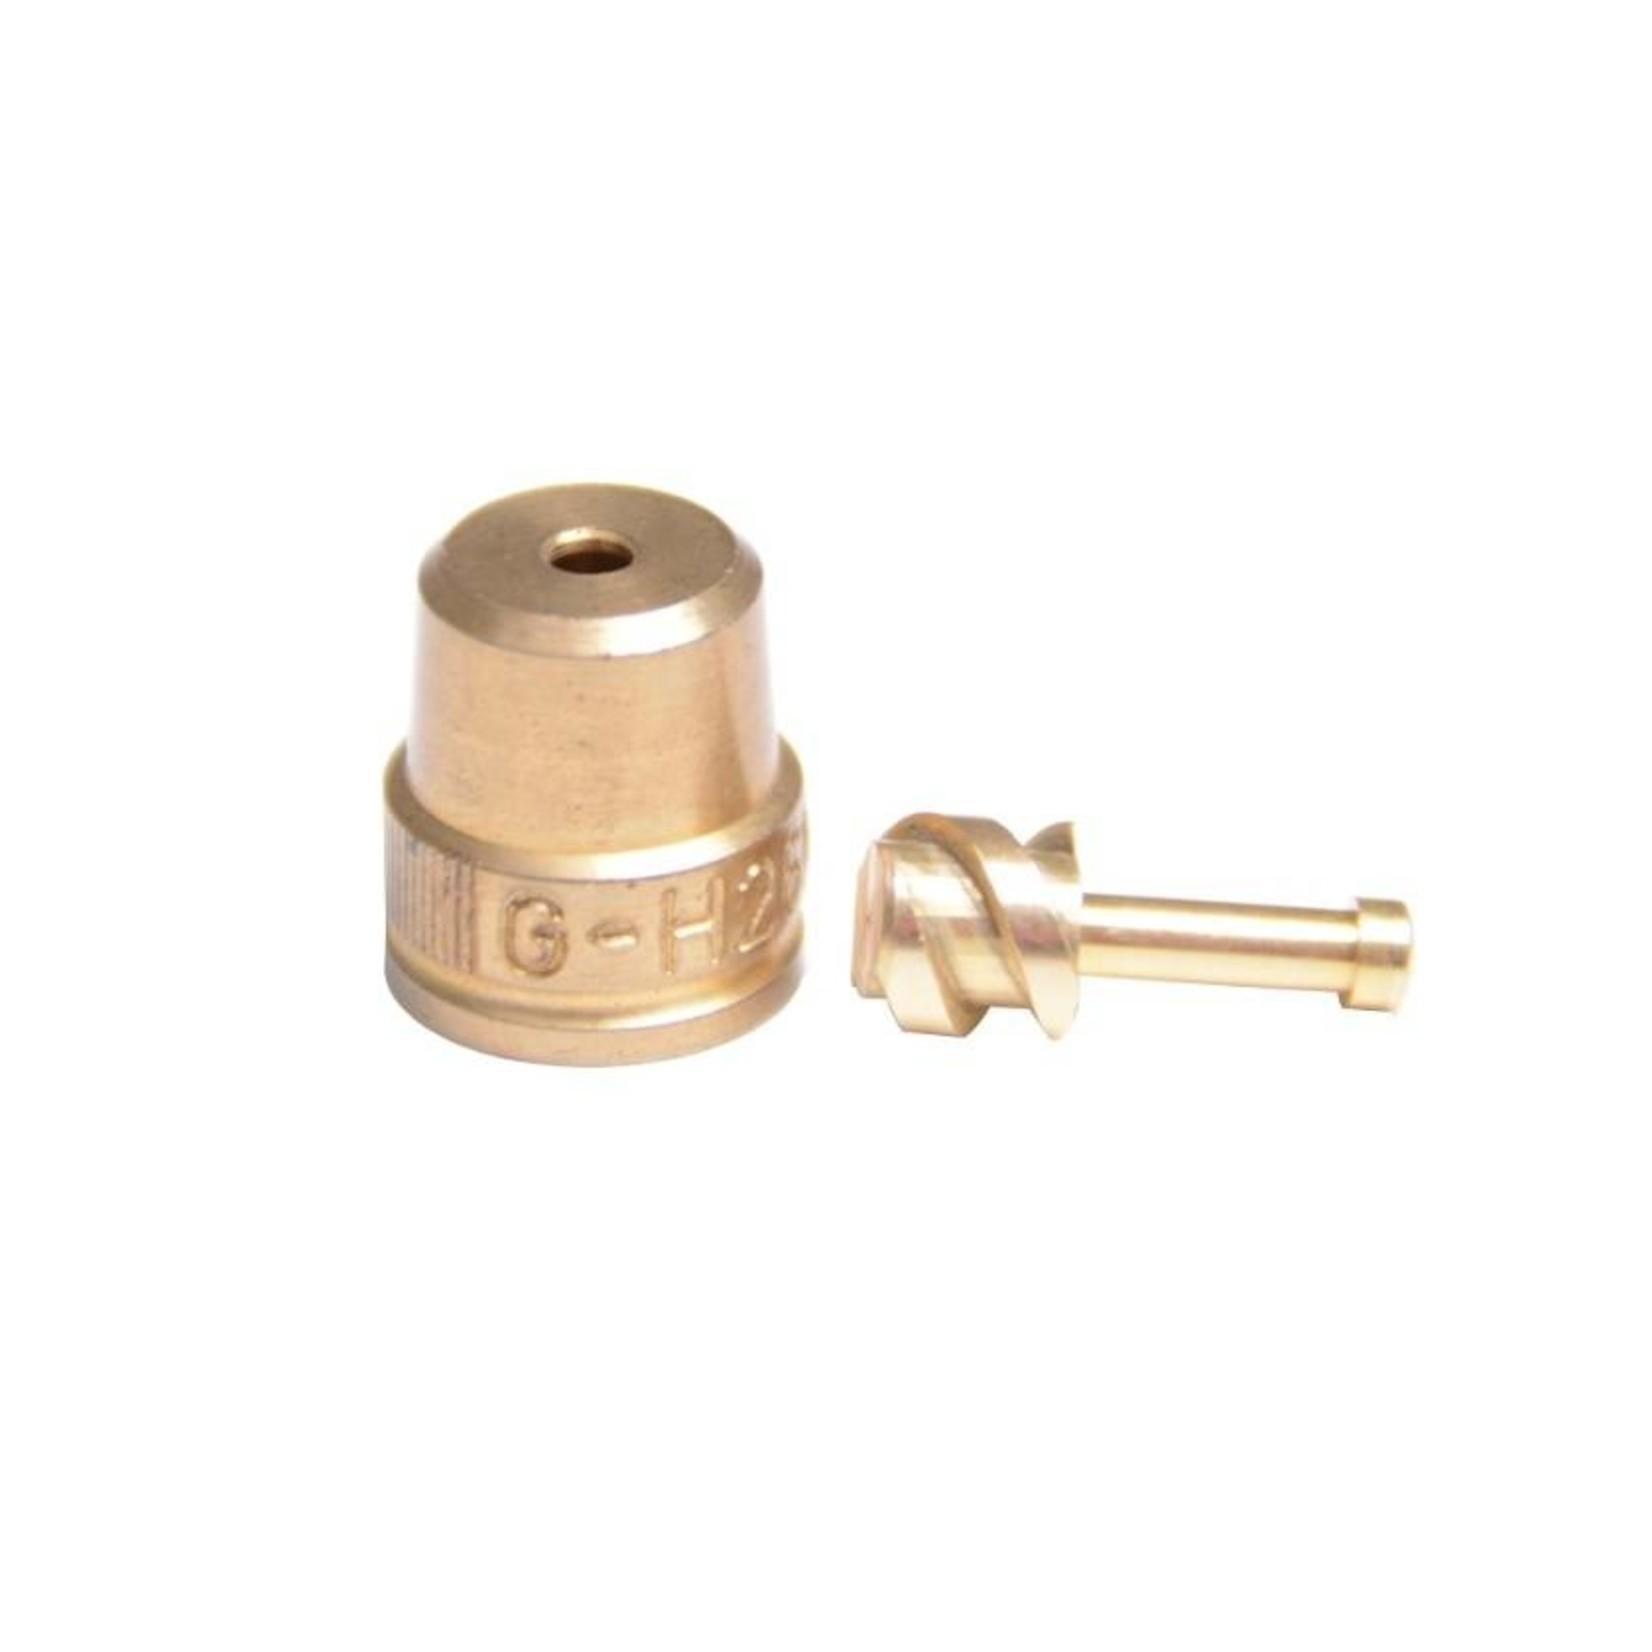 Gloria onderdelen Messing Sproeidop Ø 3 mm met wervellichaam